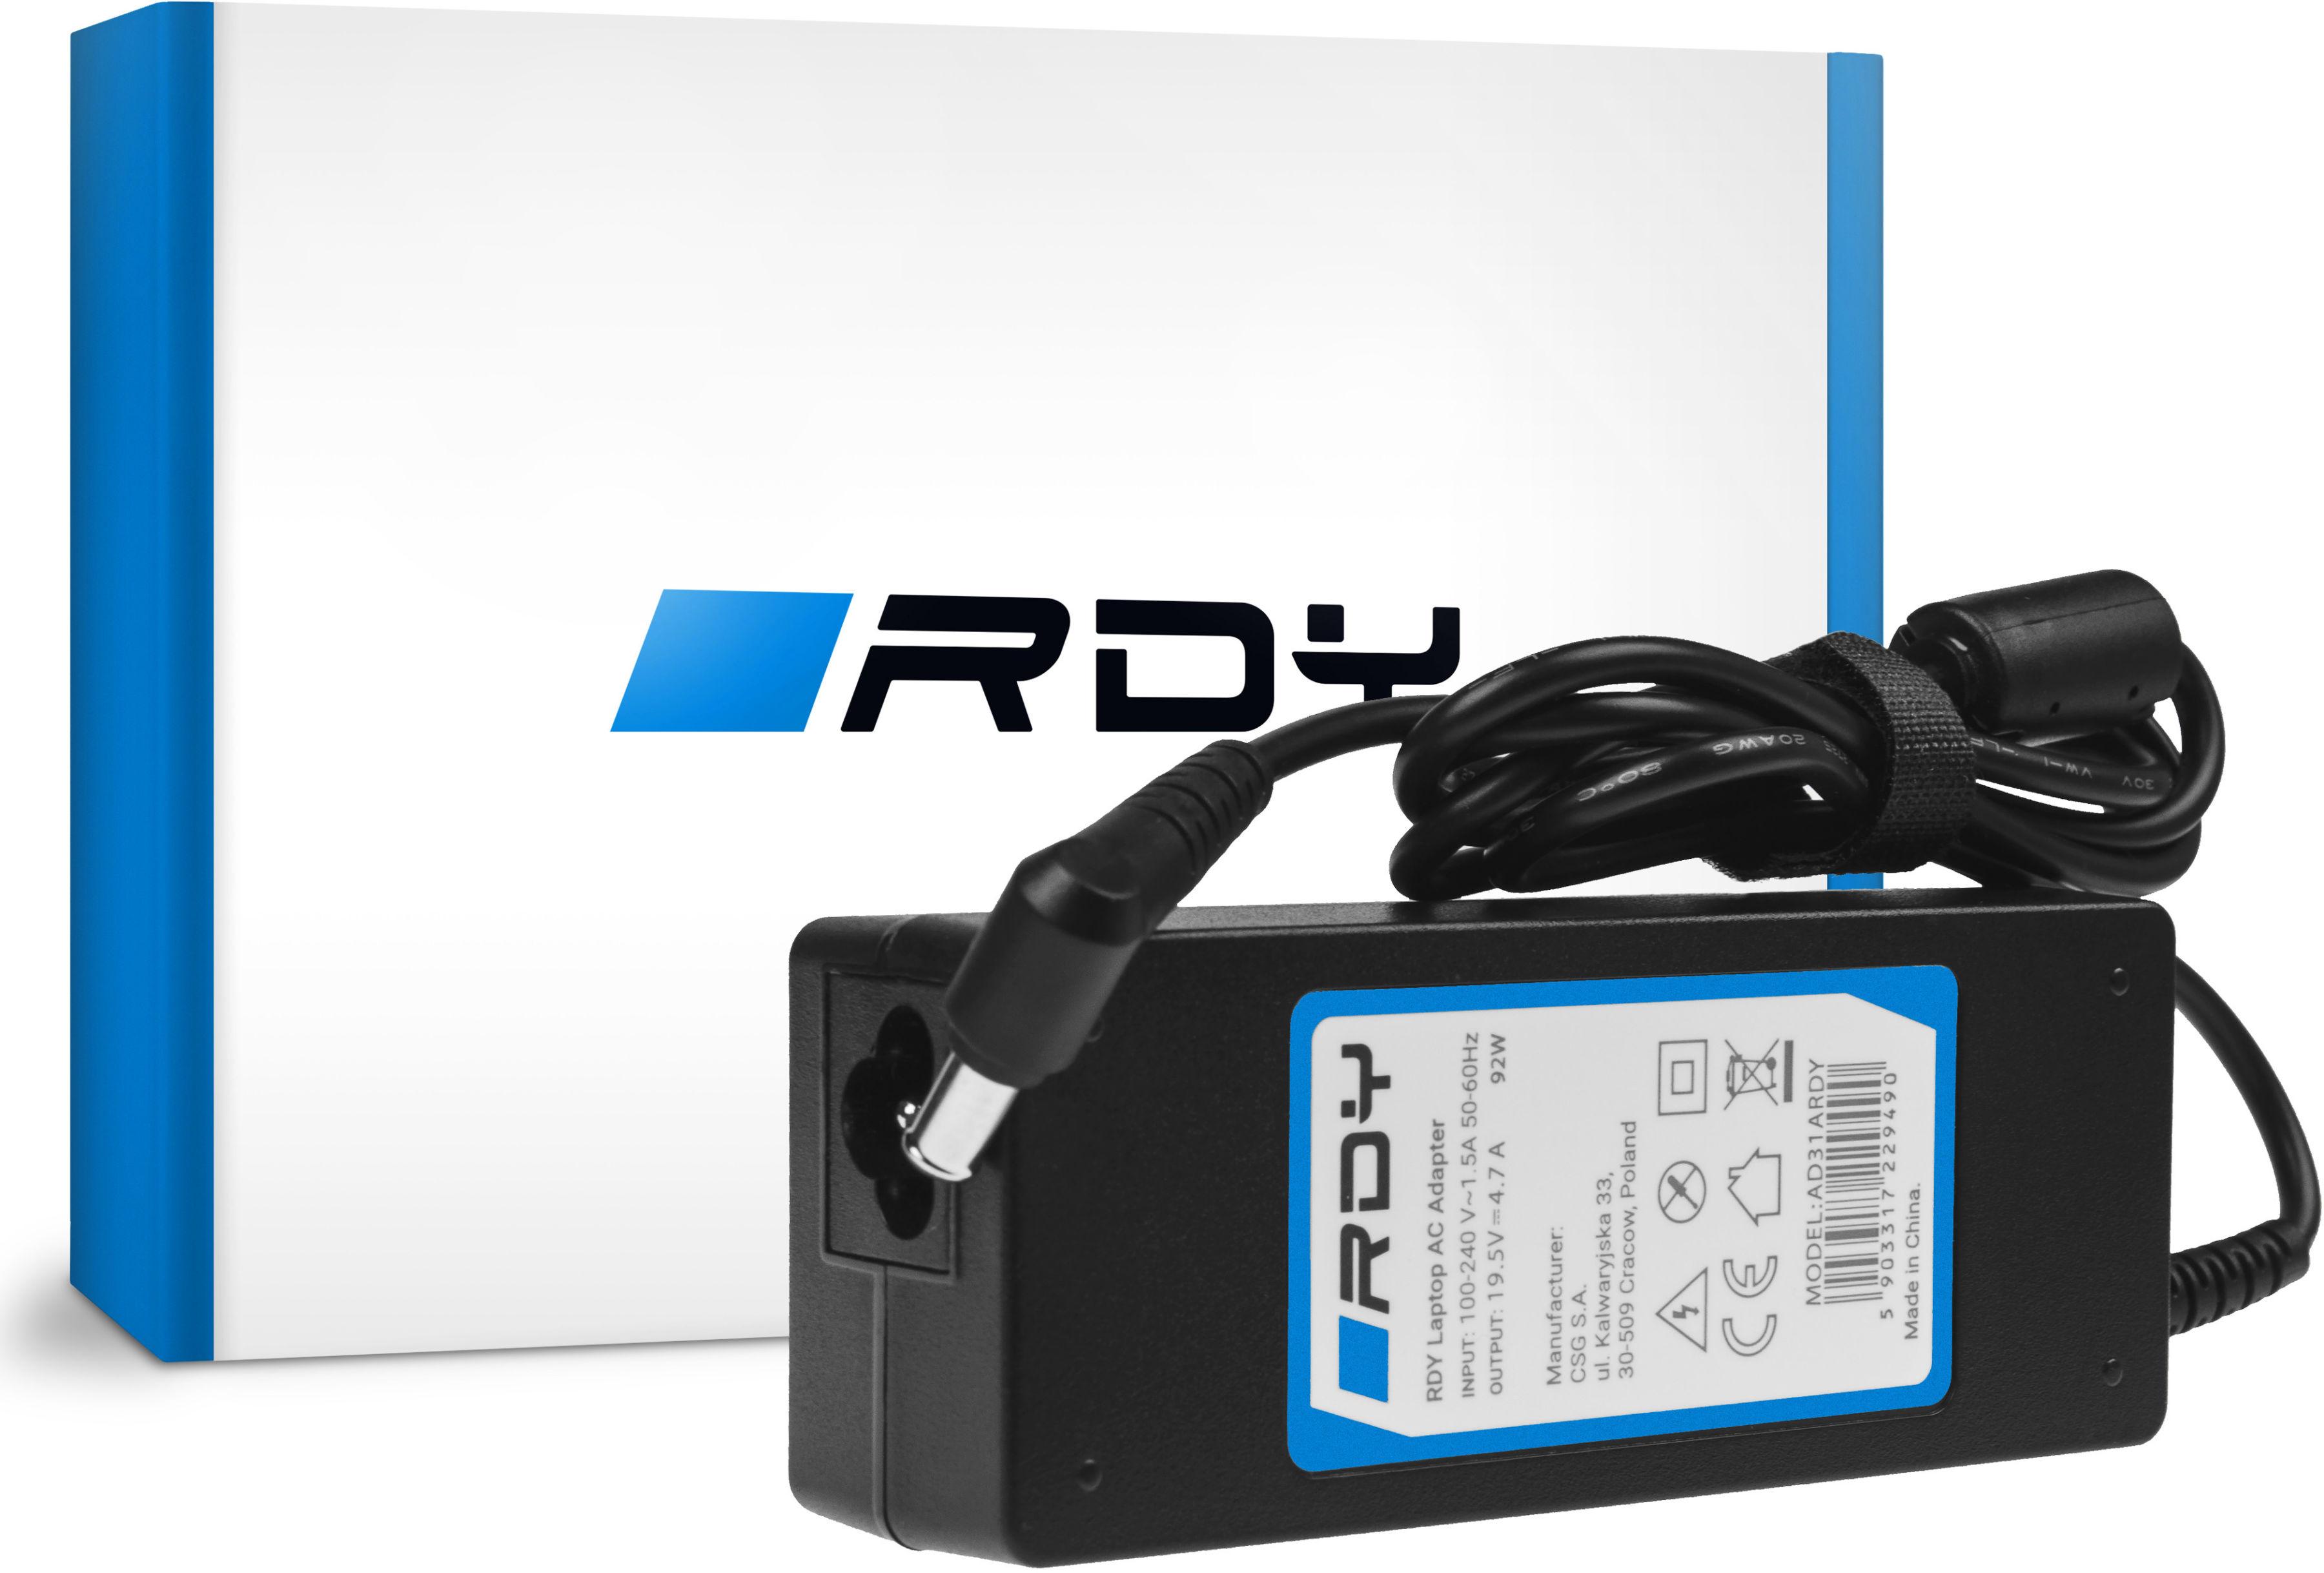 Zasilacz Ładowarka RDY 19.5V 4.7A 90W do Sony Vaio PCG-61211M PCG-71211M PCG-71811M PCG-71911M Fit 15 15E SVF152A29M